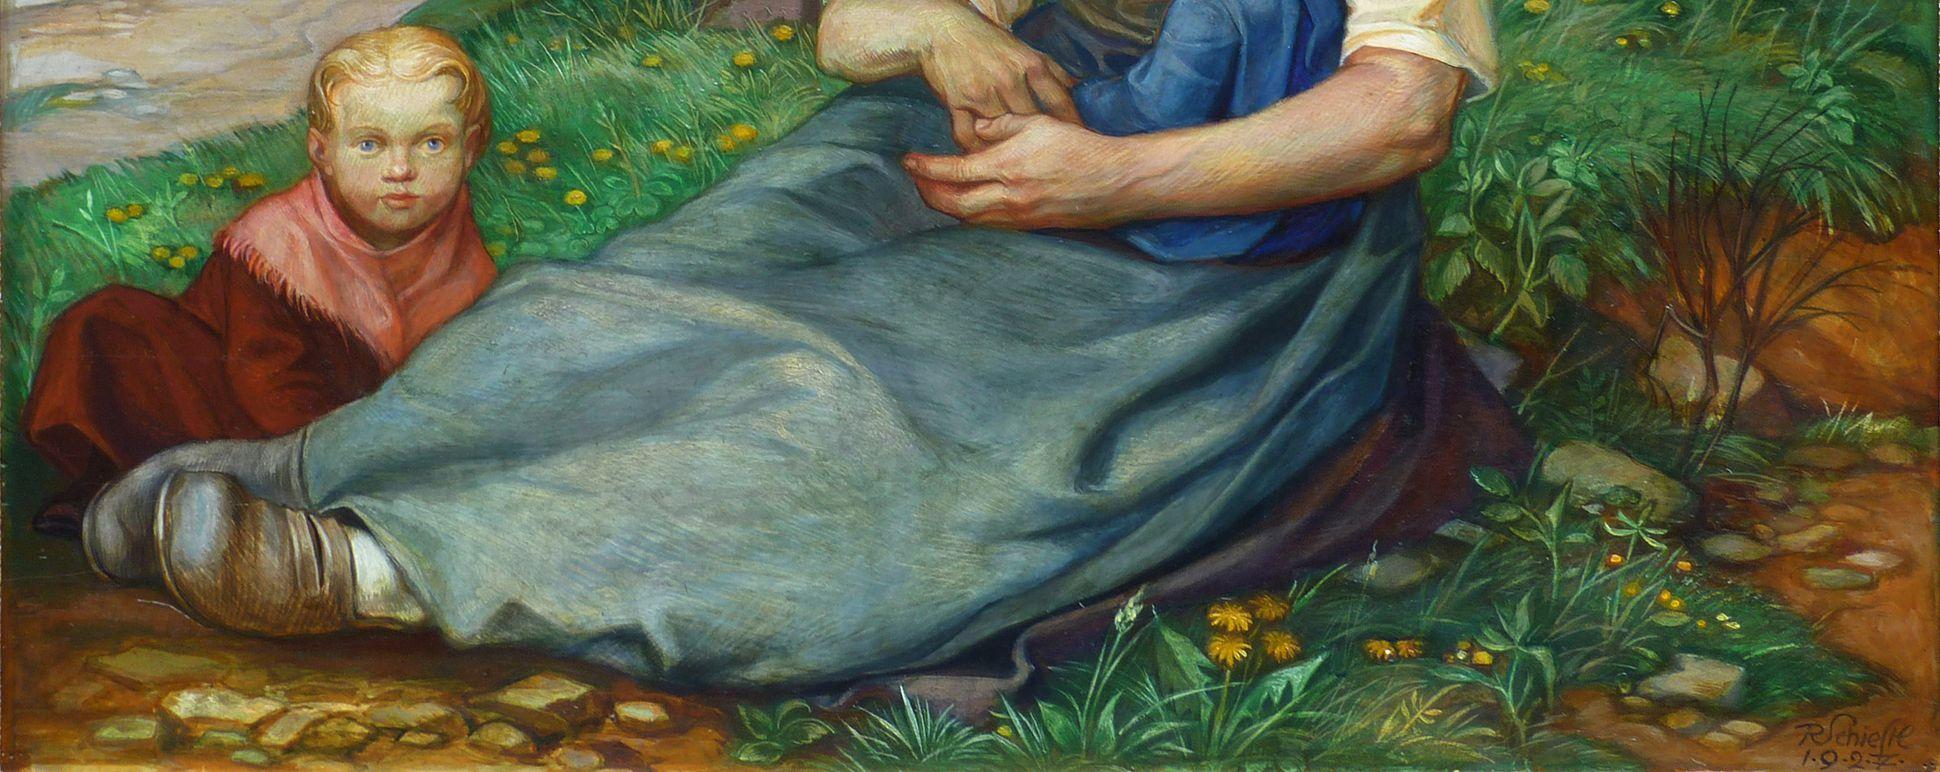 Frau am Steinkreuz untere Bildhälfte